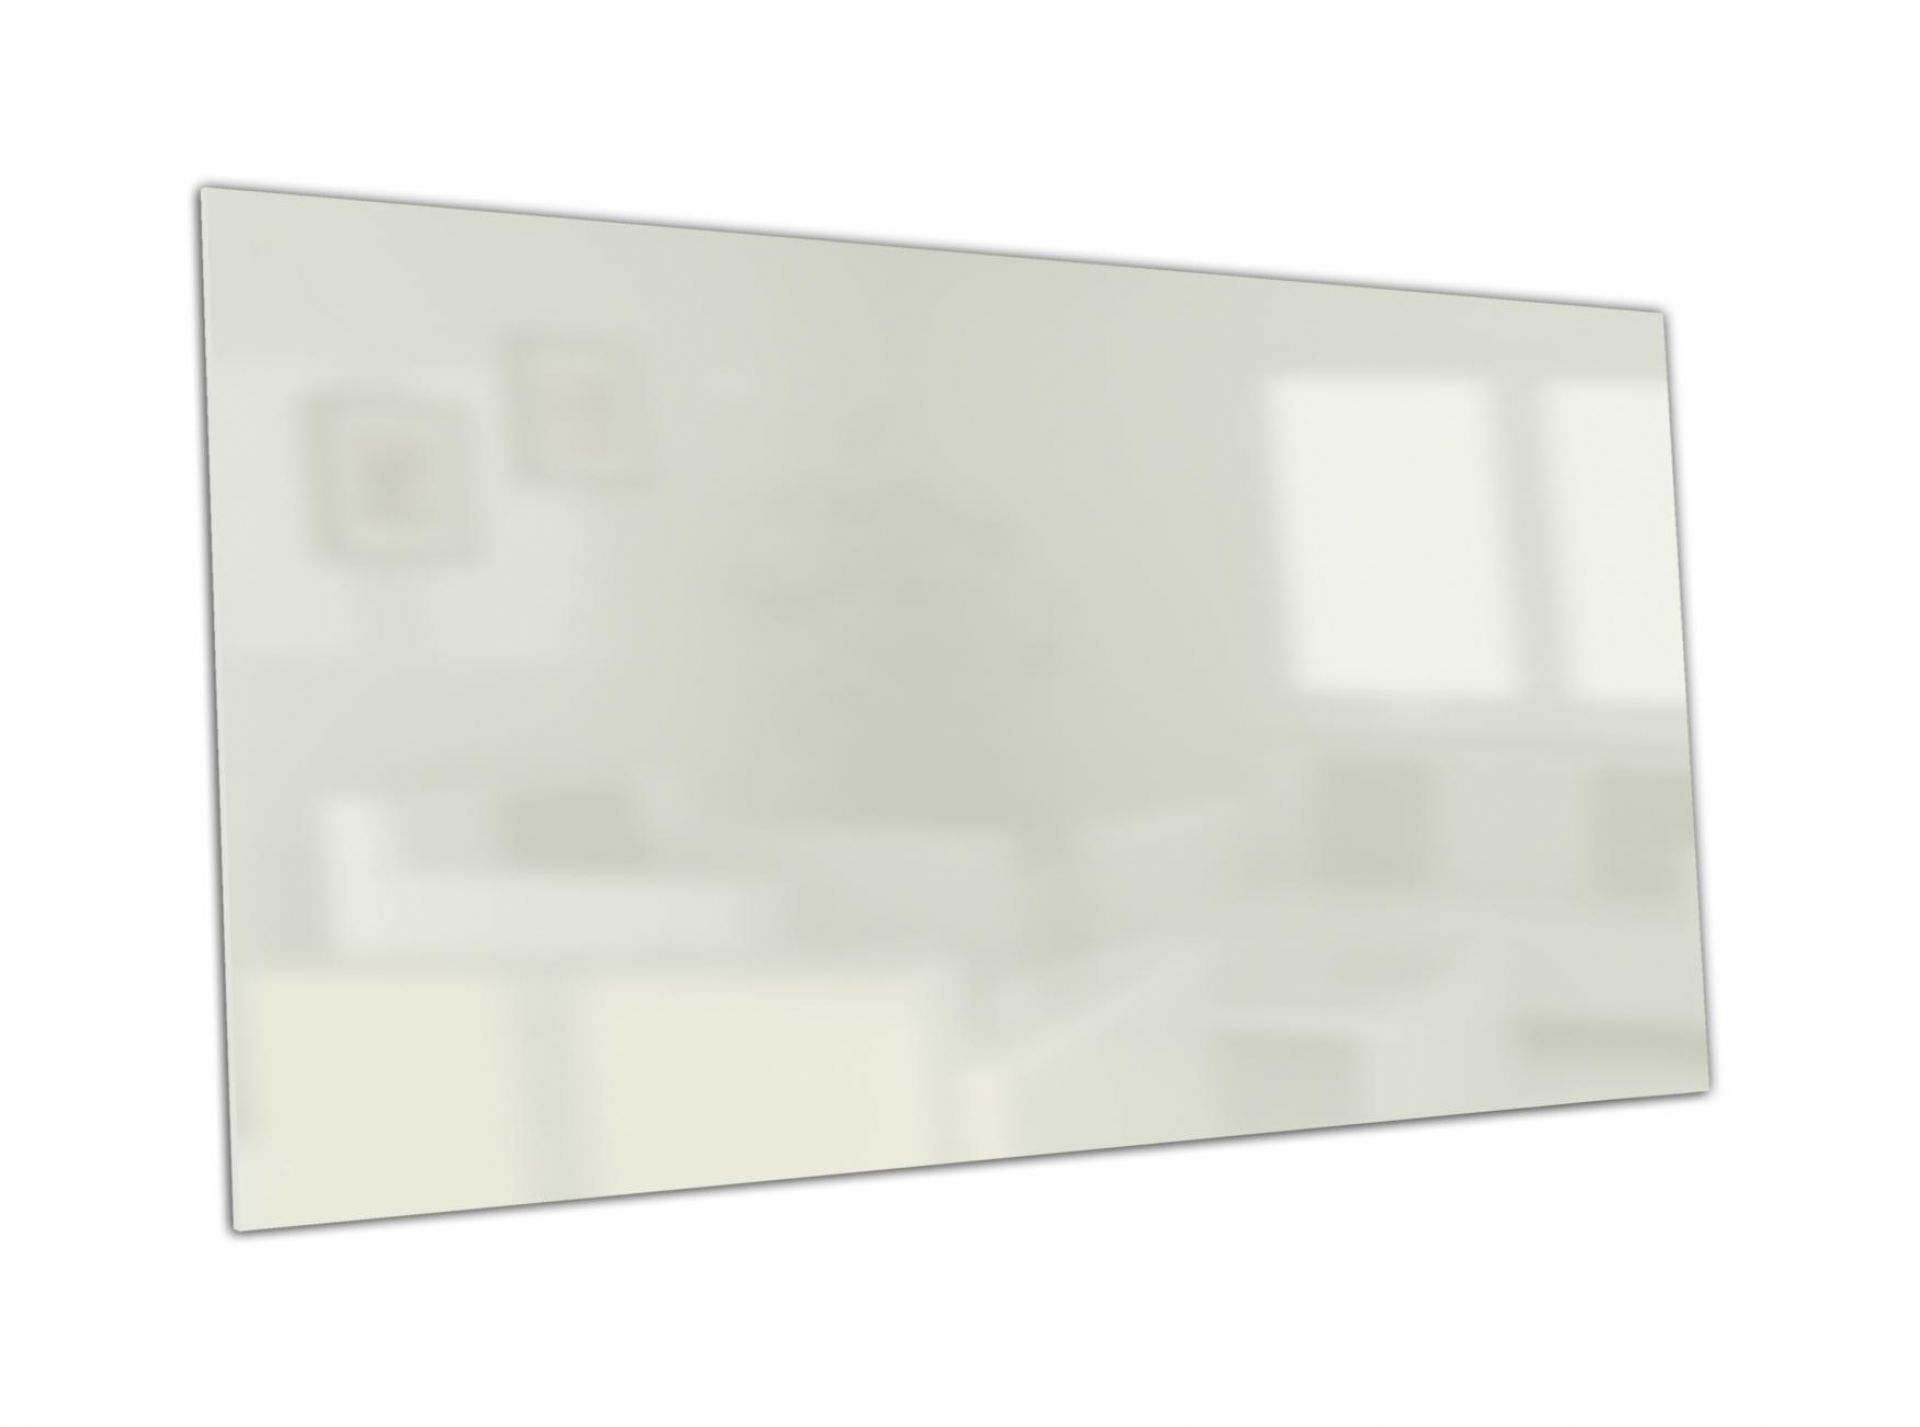 Infrarot Glasheizung ohne Außenrahmen, weiß, Seitenansicht